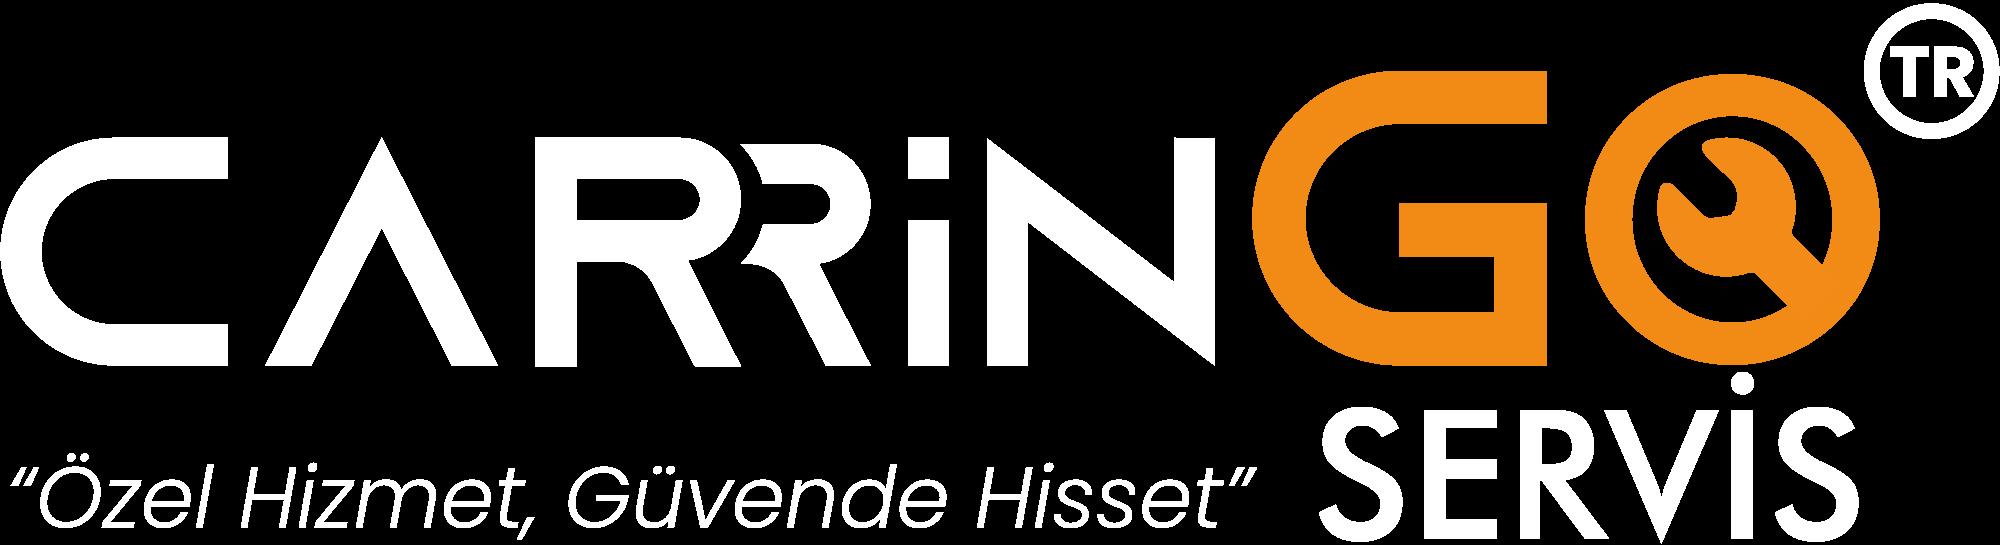 cropped carringo logo beyaz 1